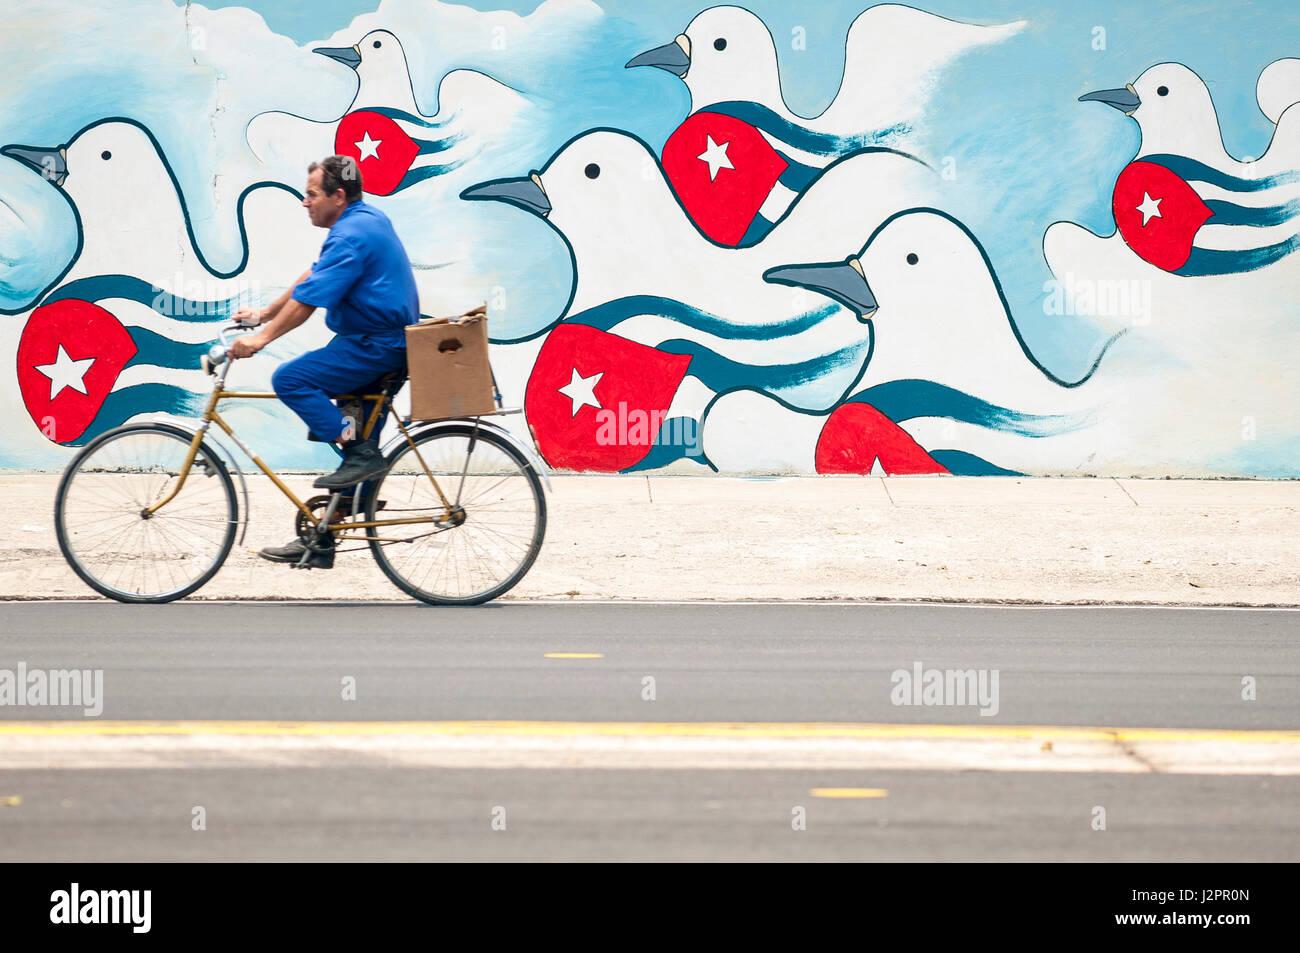 Havanna - Juni 2011: A kubanischen gelangt Man mit dem Fahrrad eine bunte Wandgemälde der Propaganda mit Tauben Stockbild